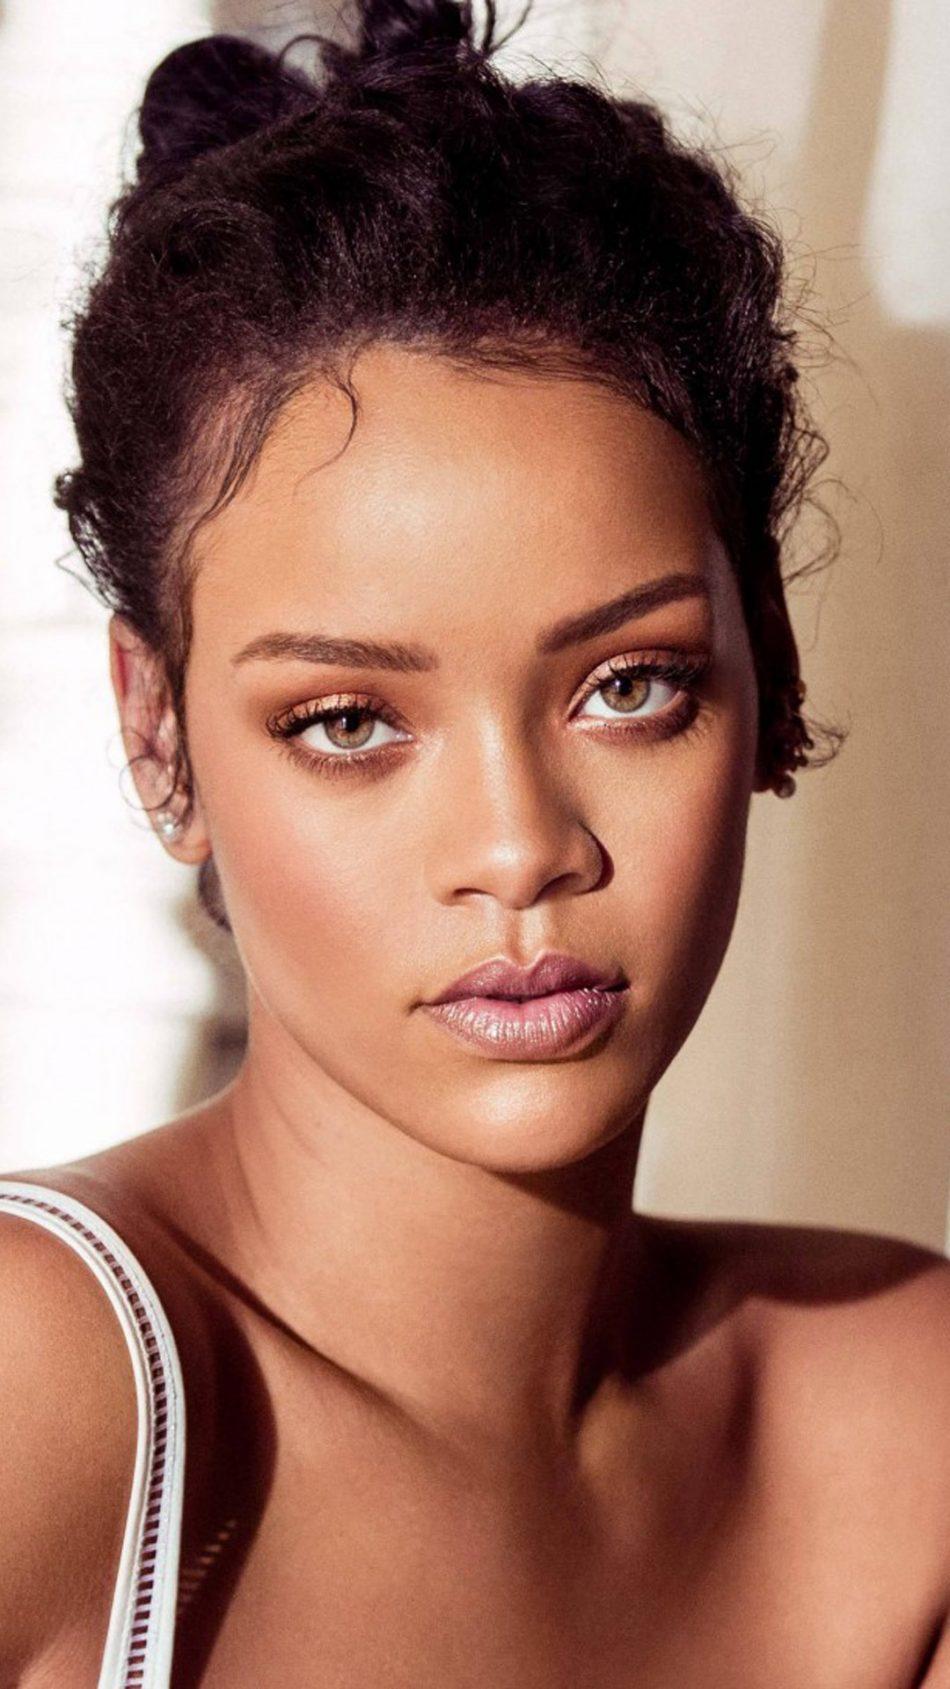 Rihanna wallpaper hd 2018